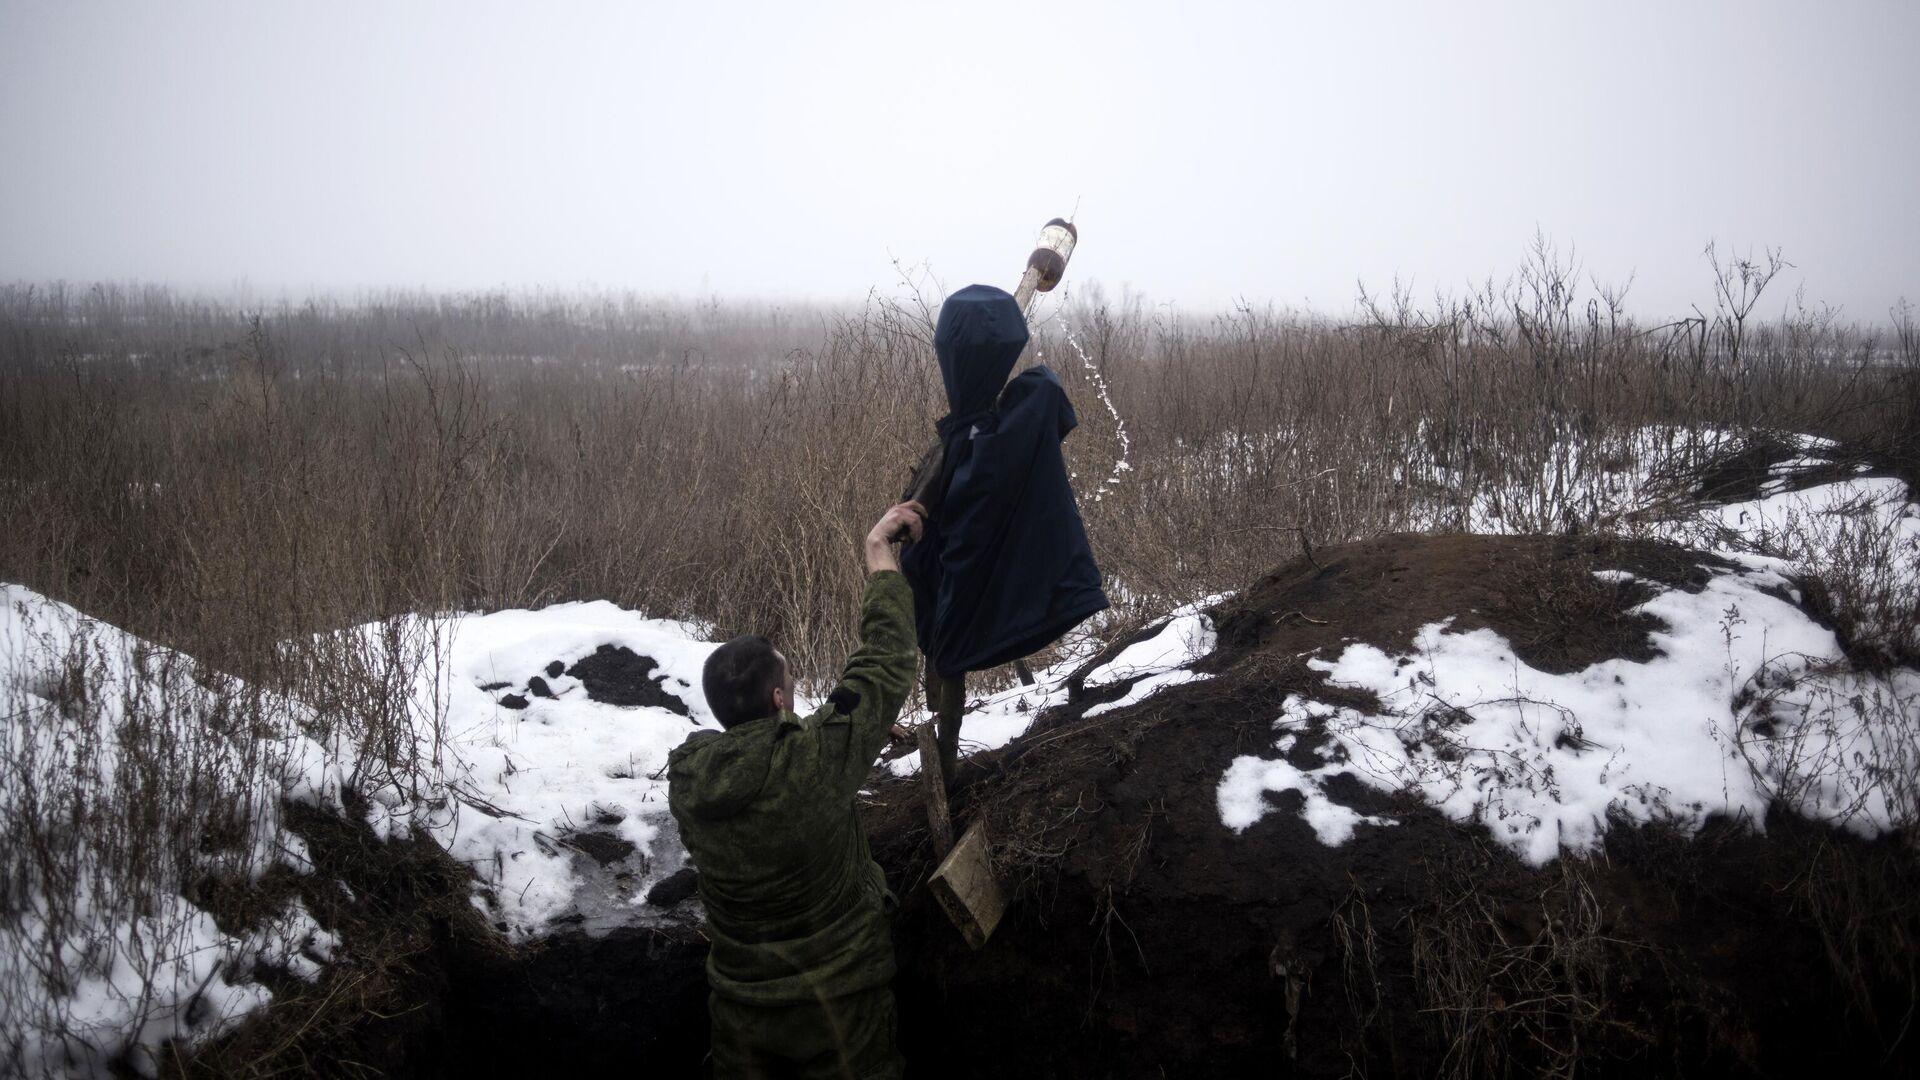 В миссии ОБСЕ прокомментировали заявления ЛНР о применении ВСУ артиллерии